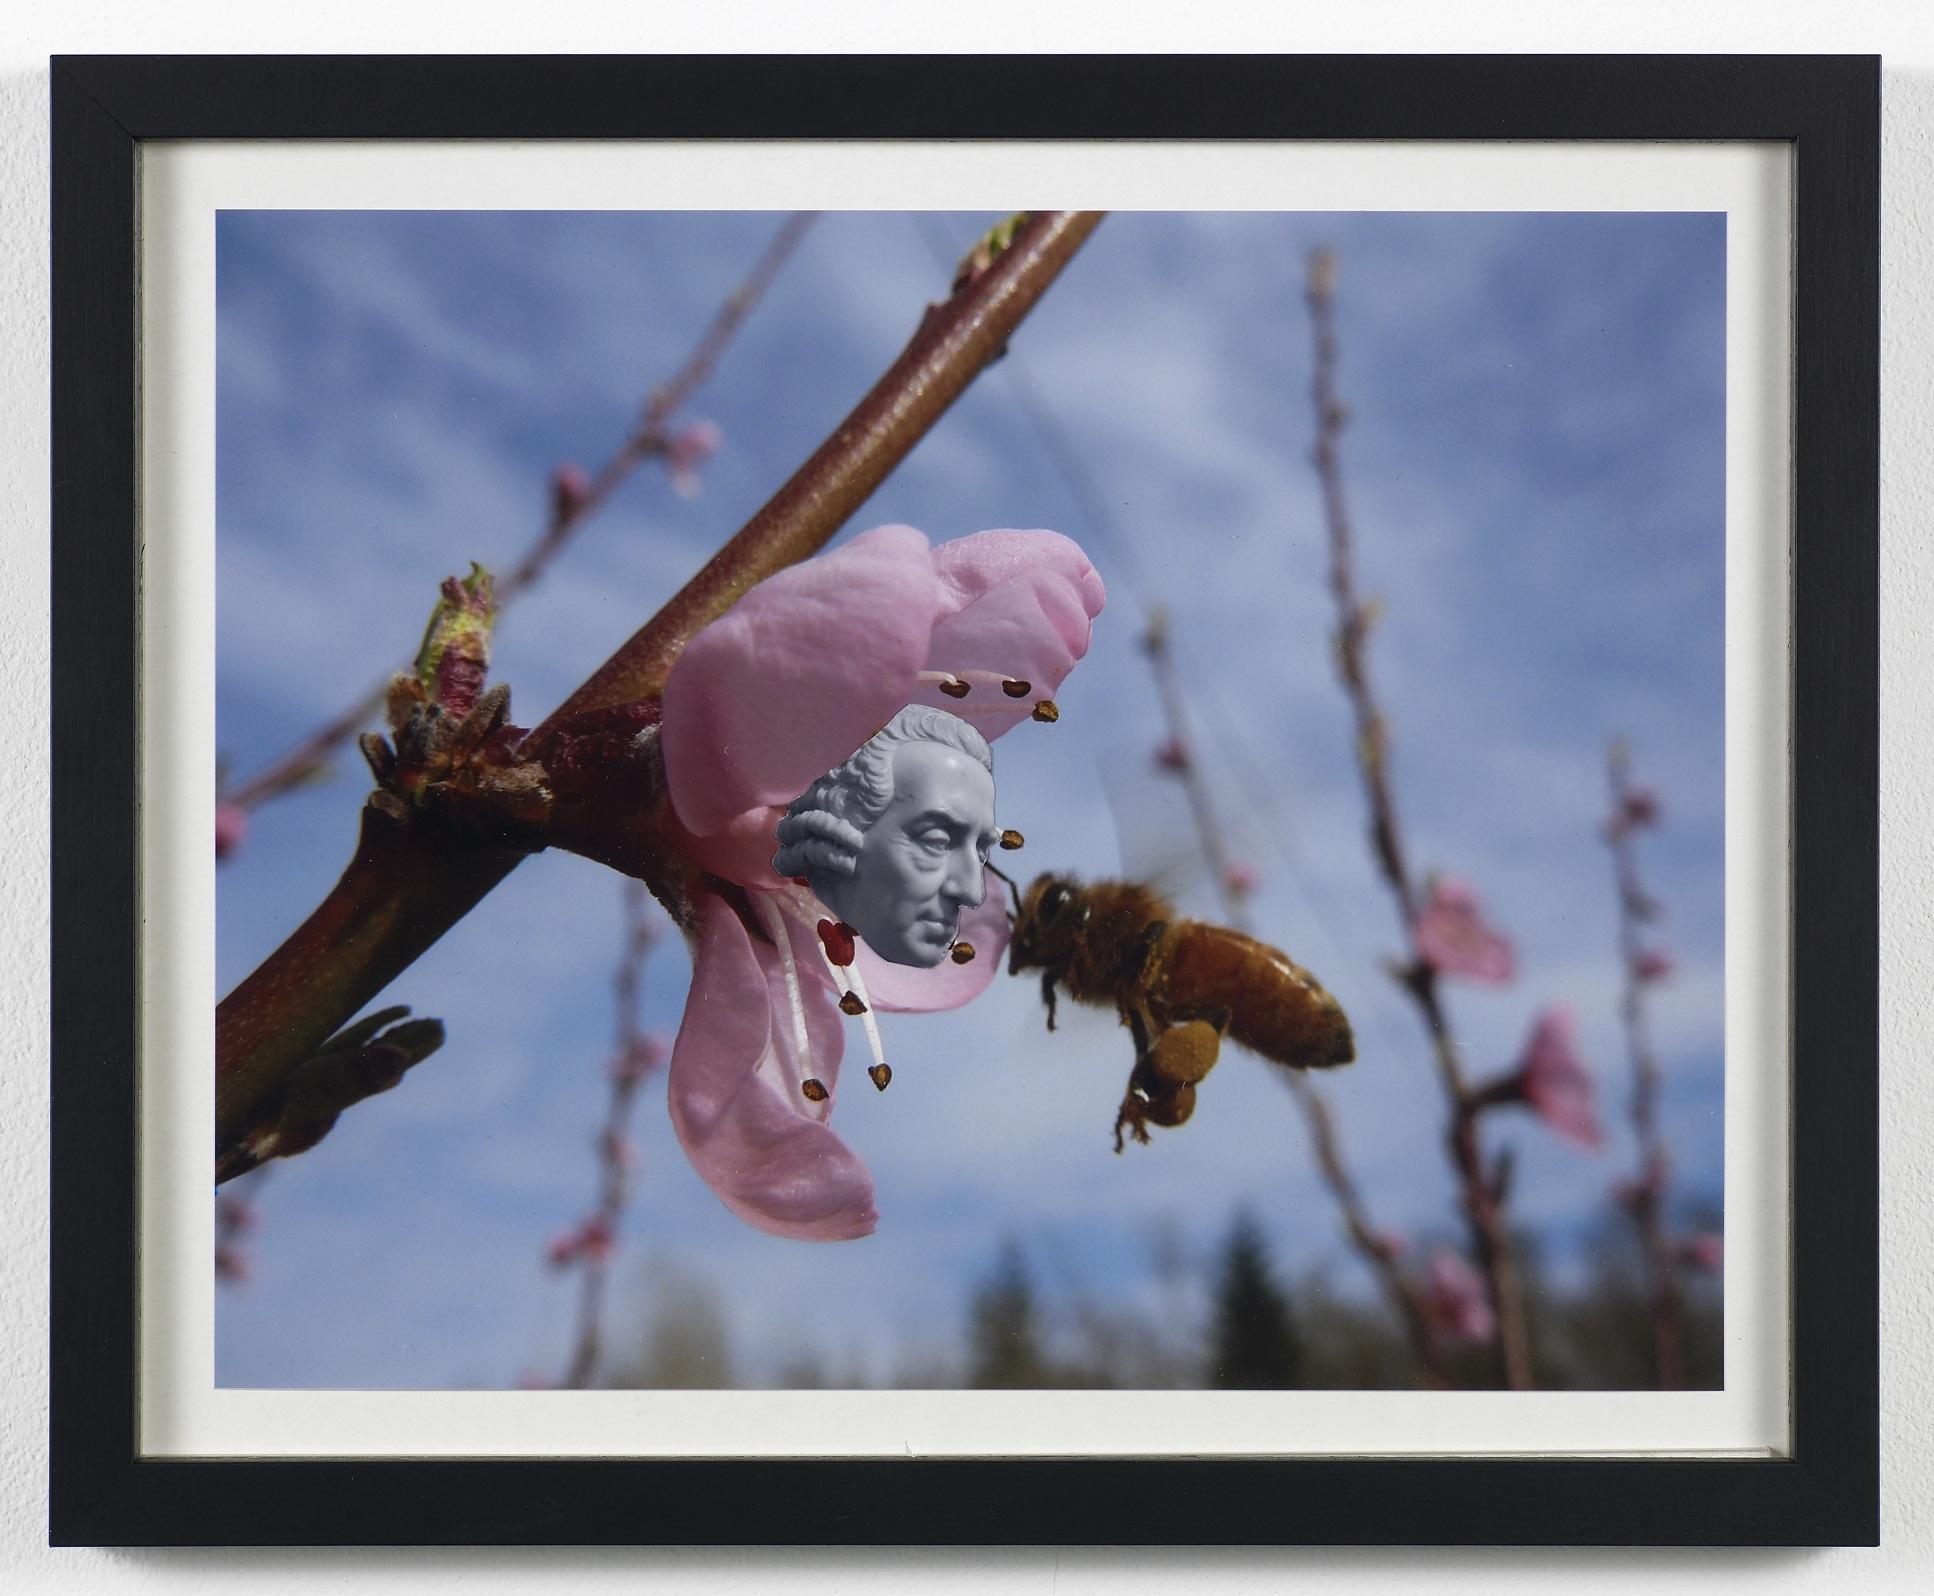 Untitled (SmithFlower) 2009 Photo collage 26.3 x 32.3 cm